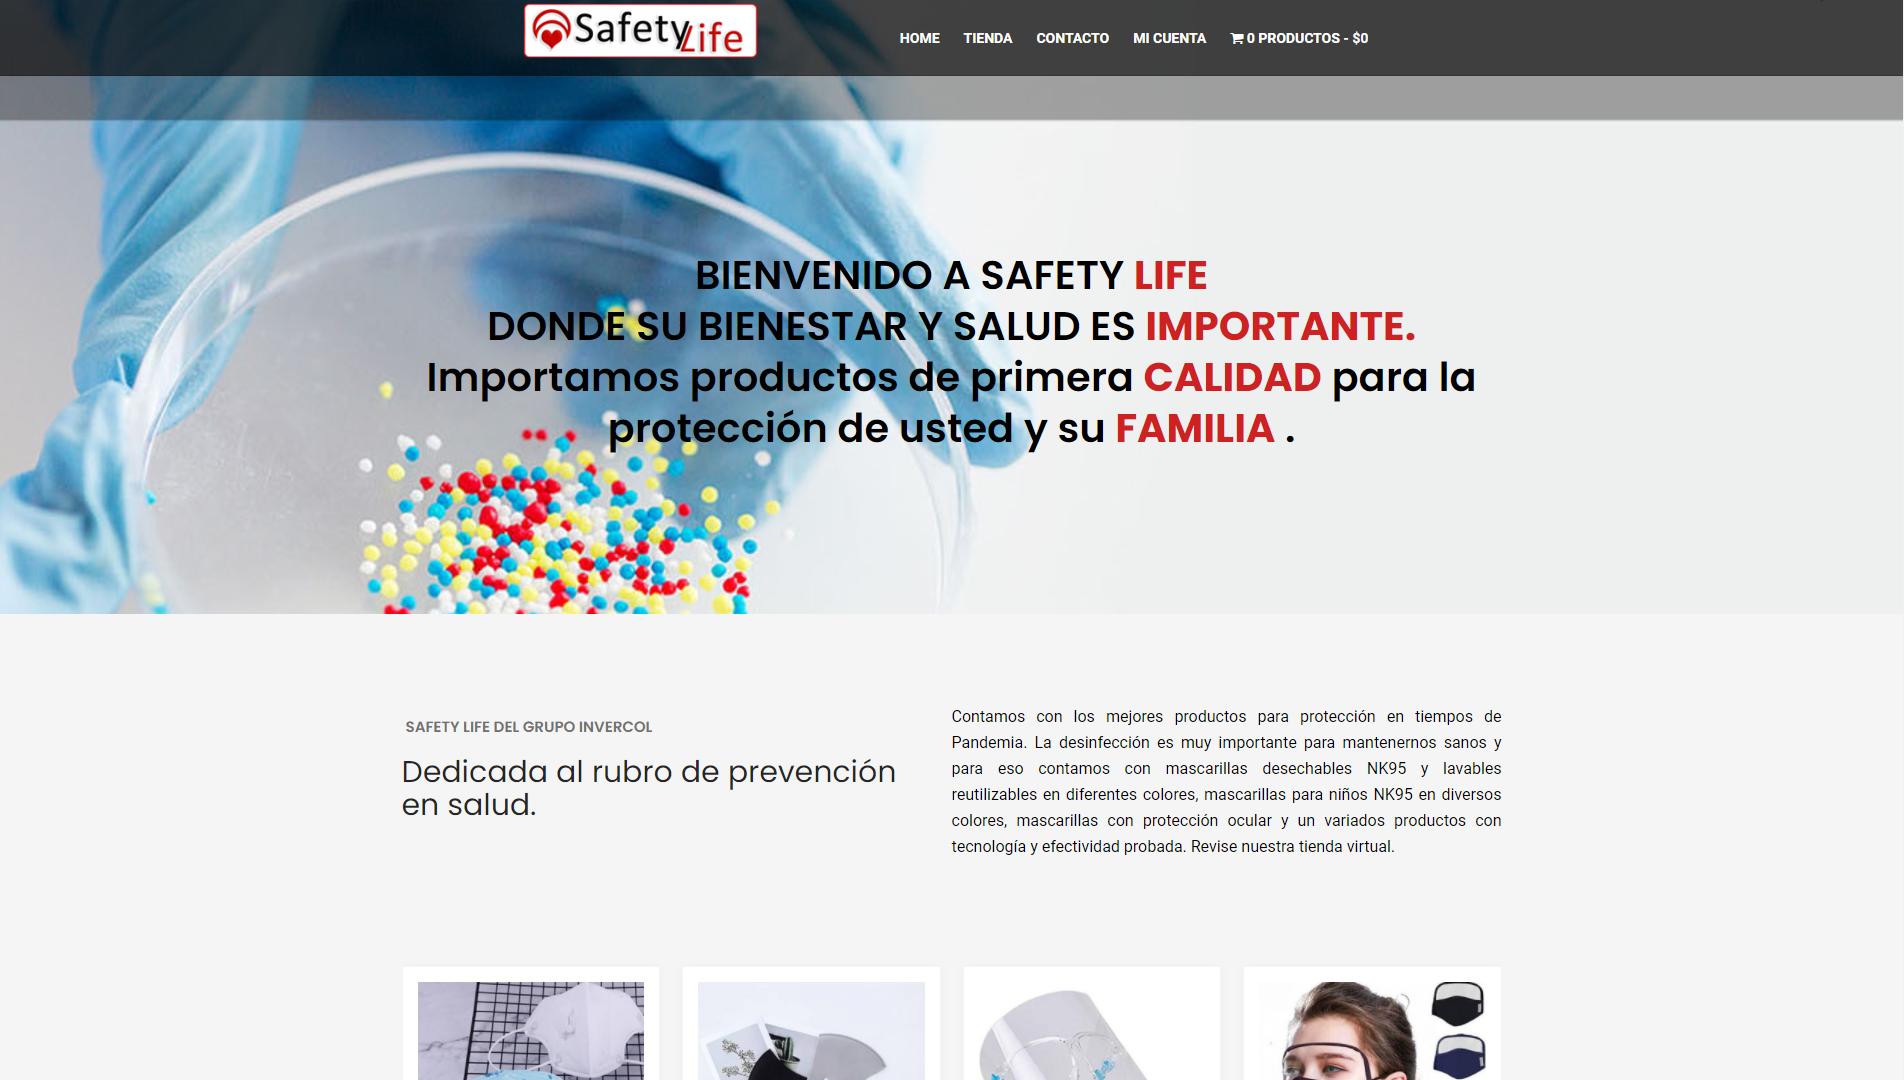 SafetyLife